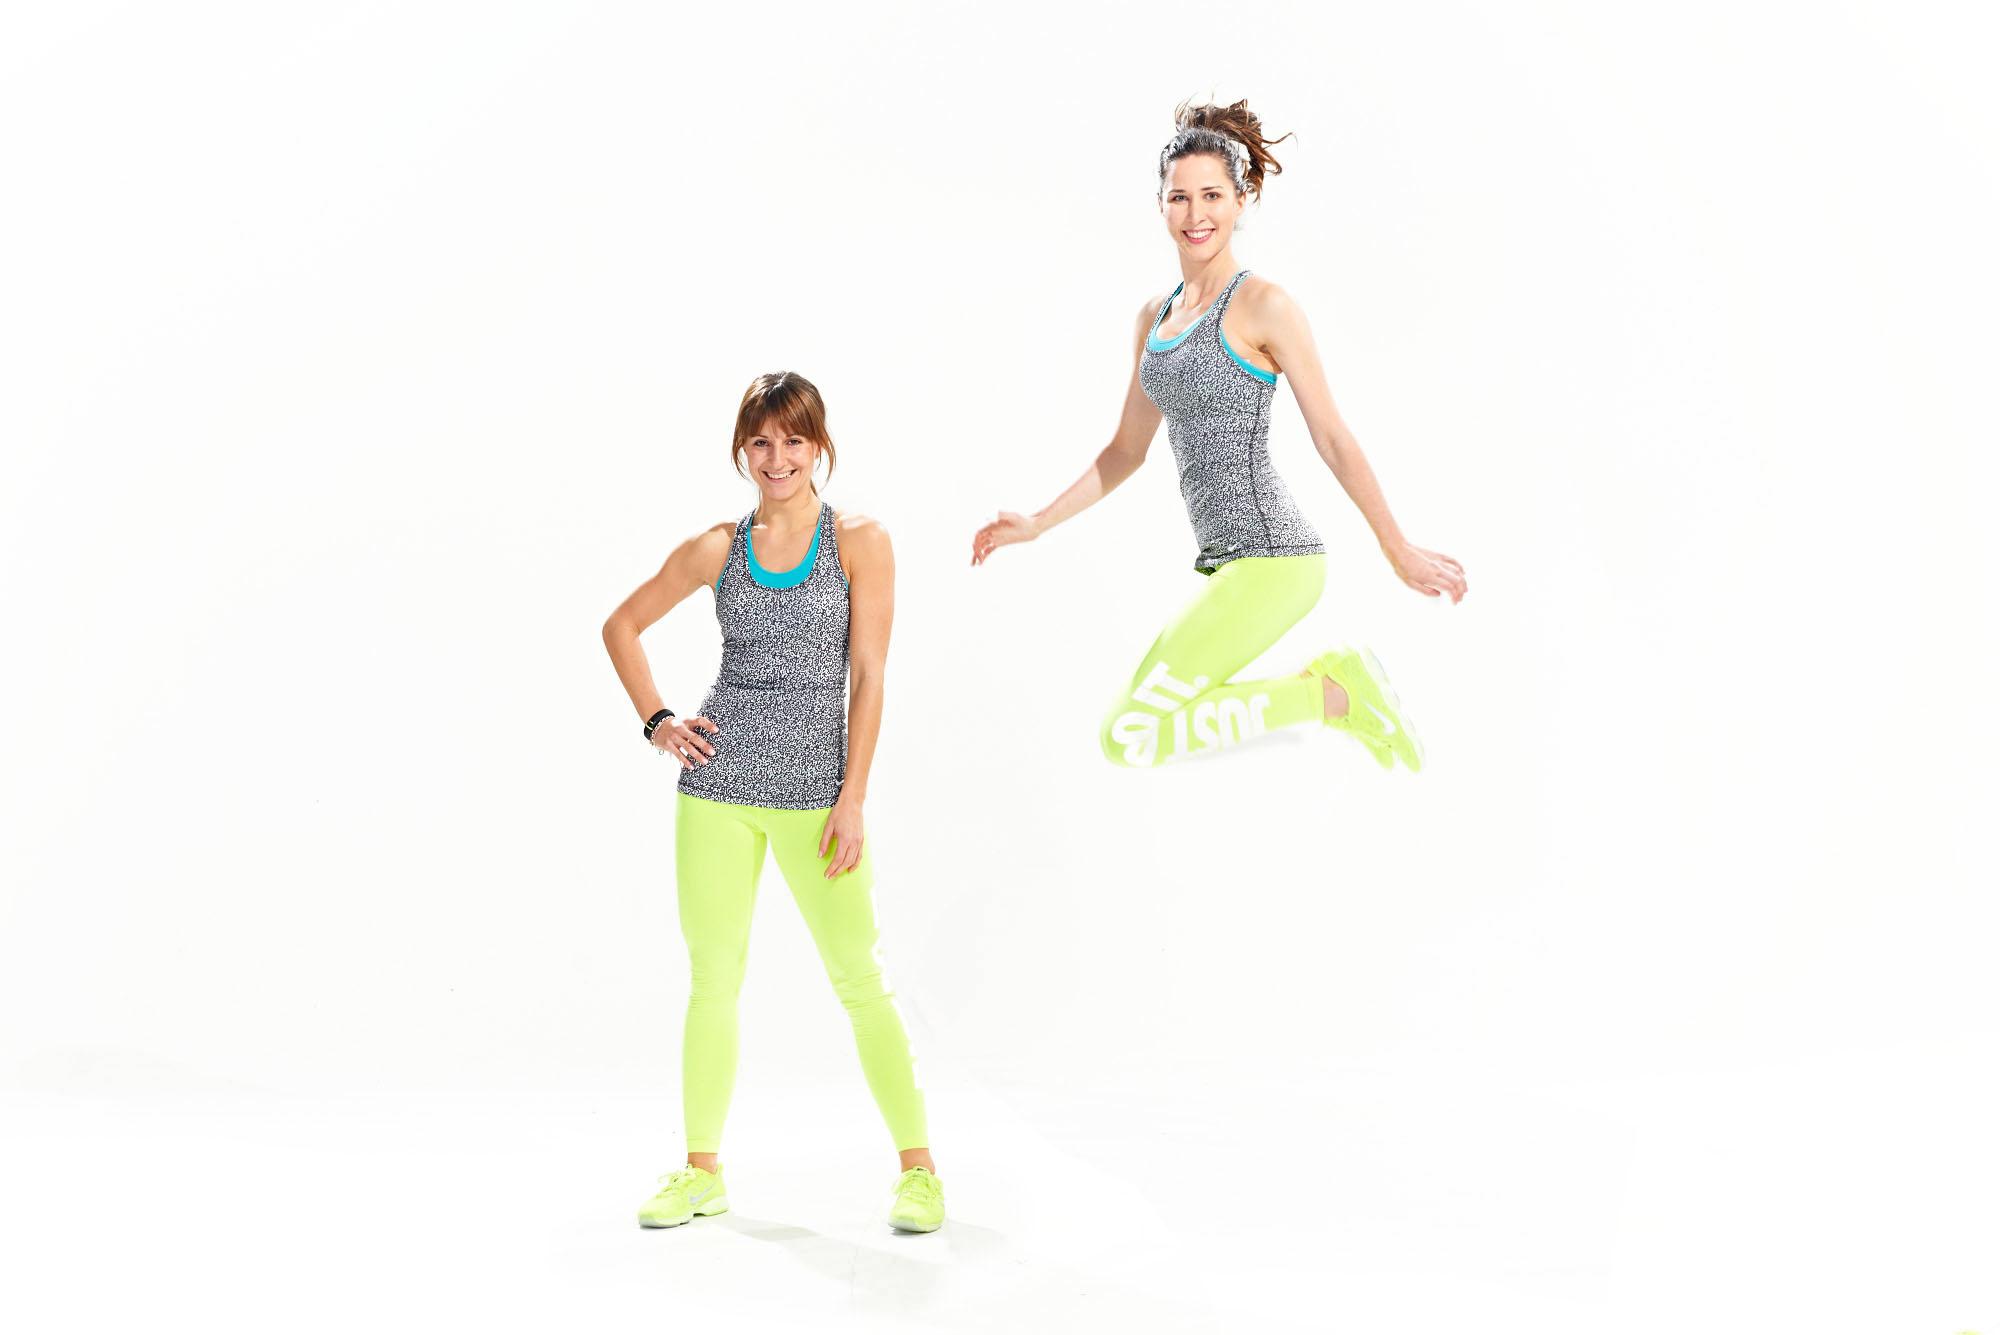 Linda-Nike03311